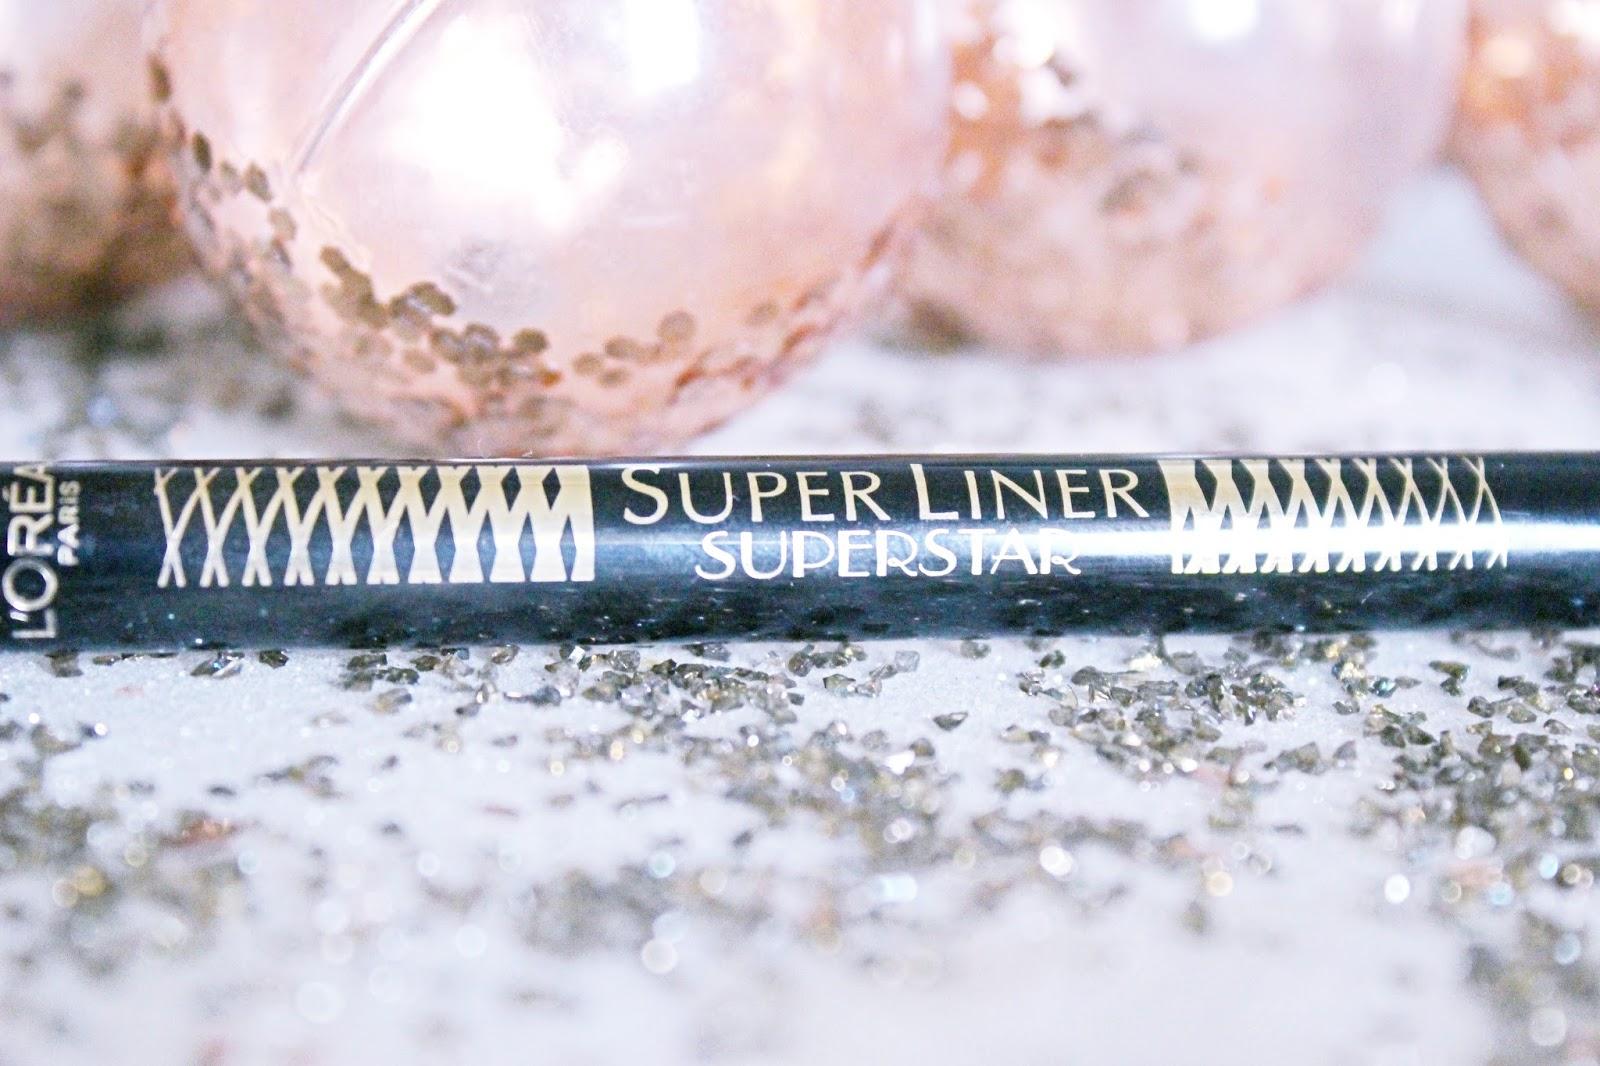 Super liner Superstar L'Oreal